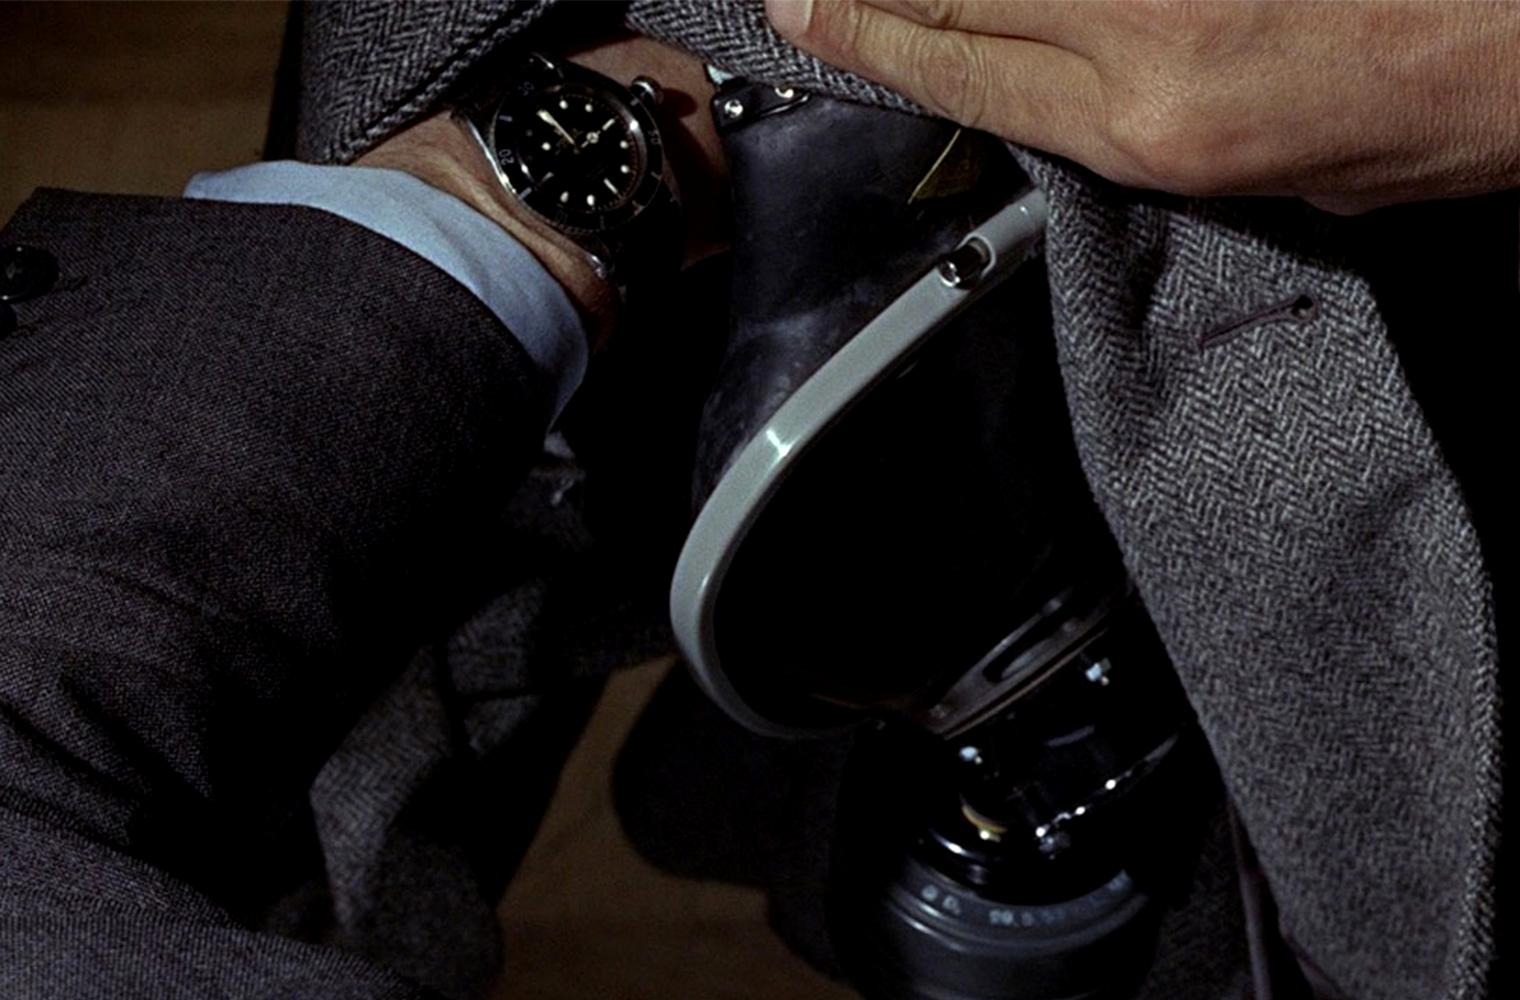 Часы Джеймса Бонда Rolex Submariner Ref. 6538 из фильма «Голдфингер»